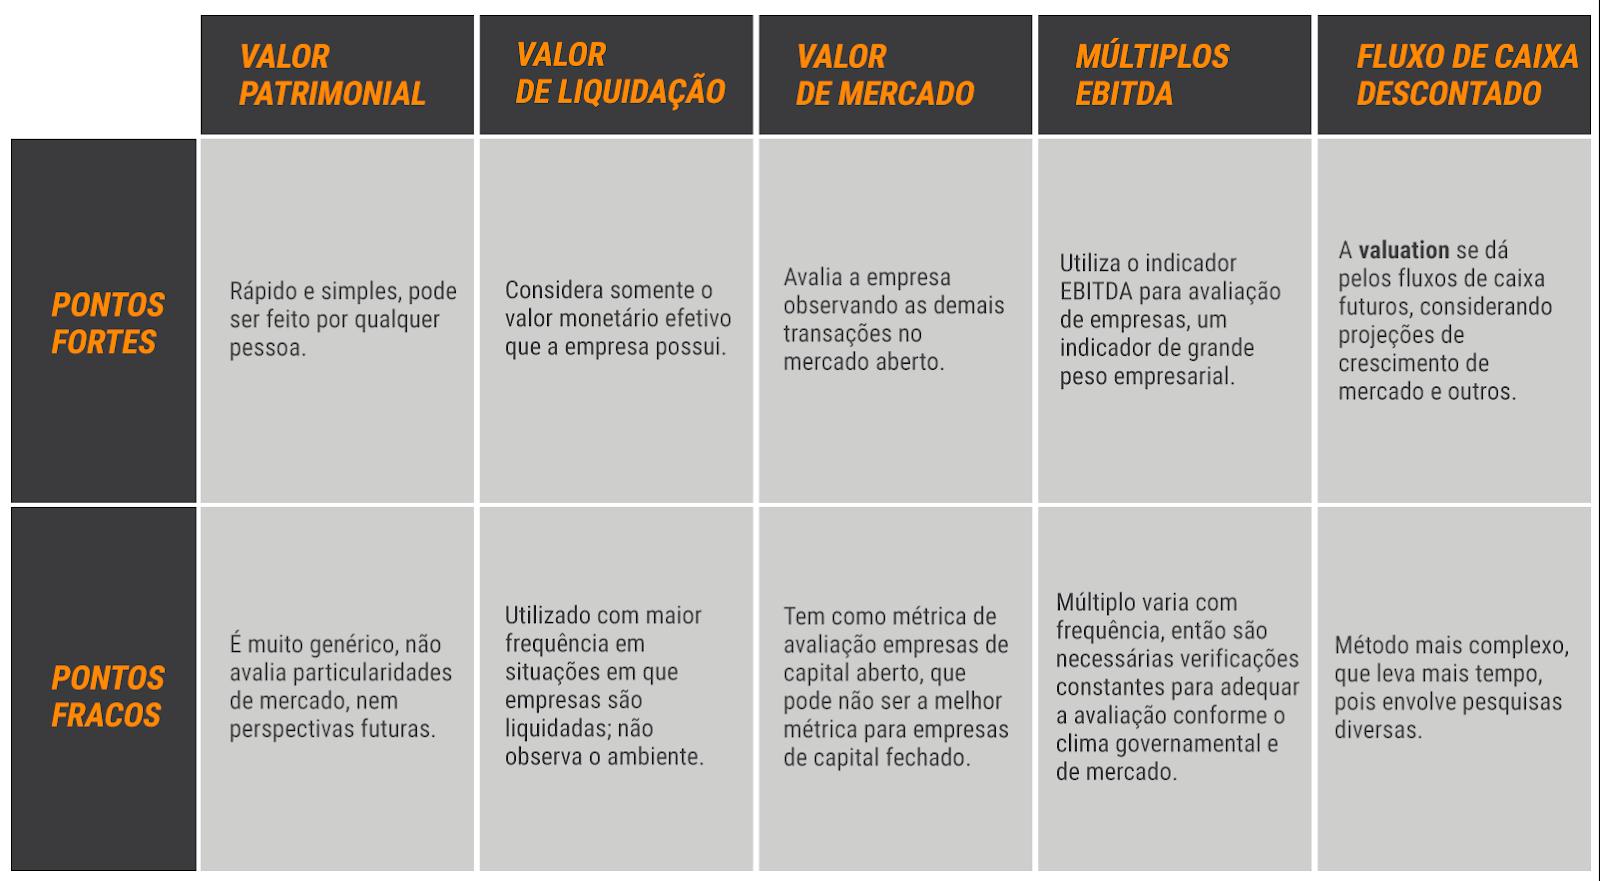 valuation-tabela-fluxo-caixa